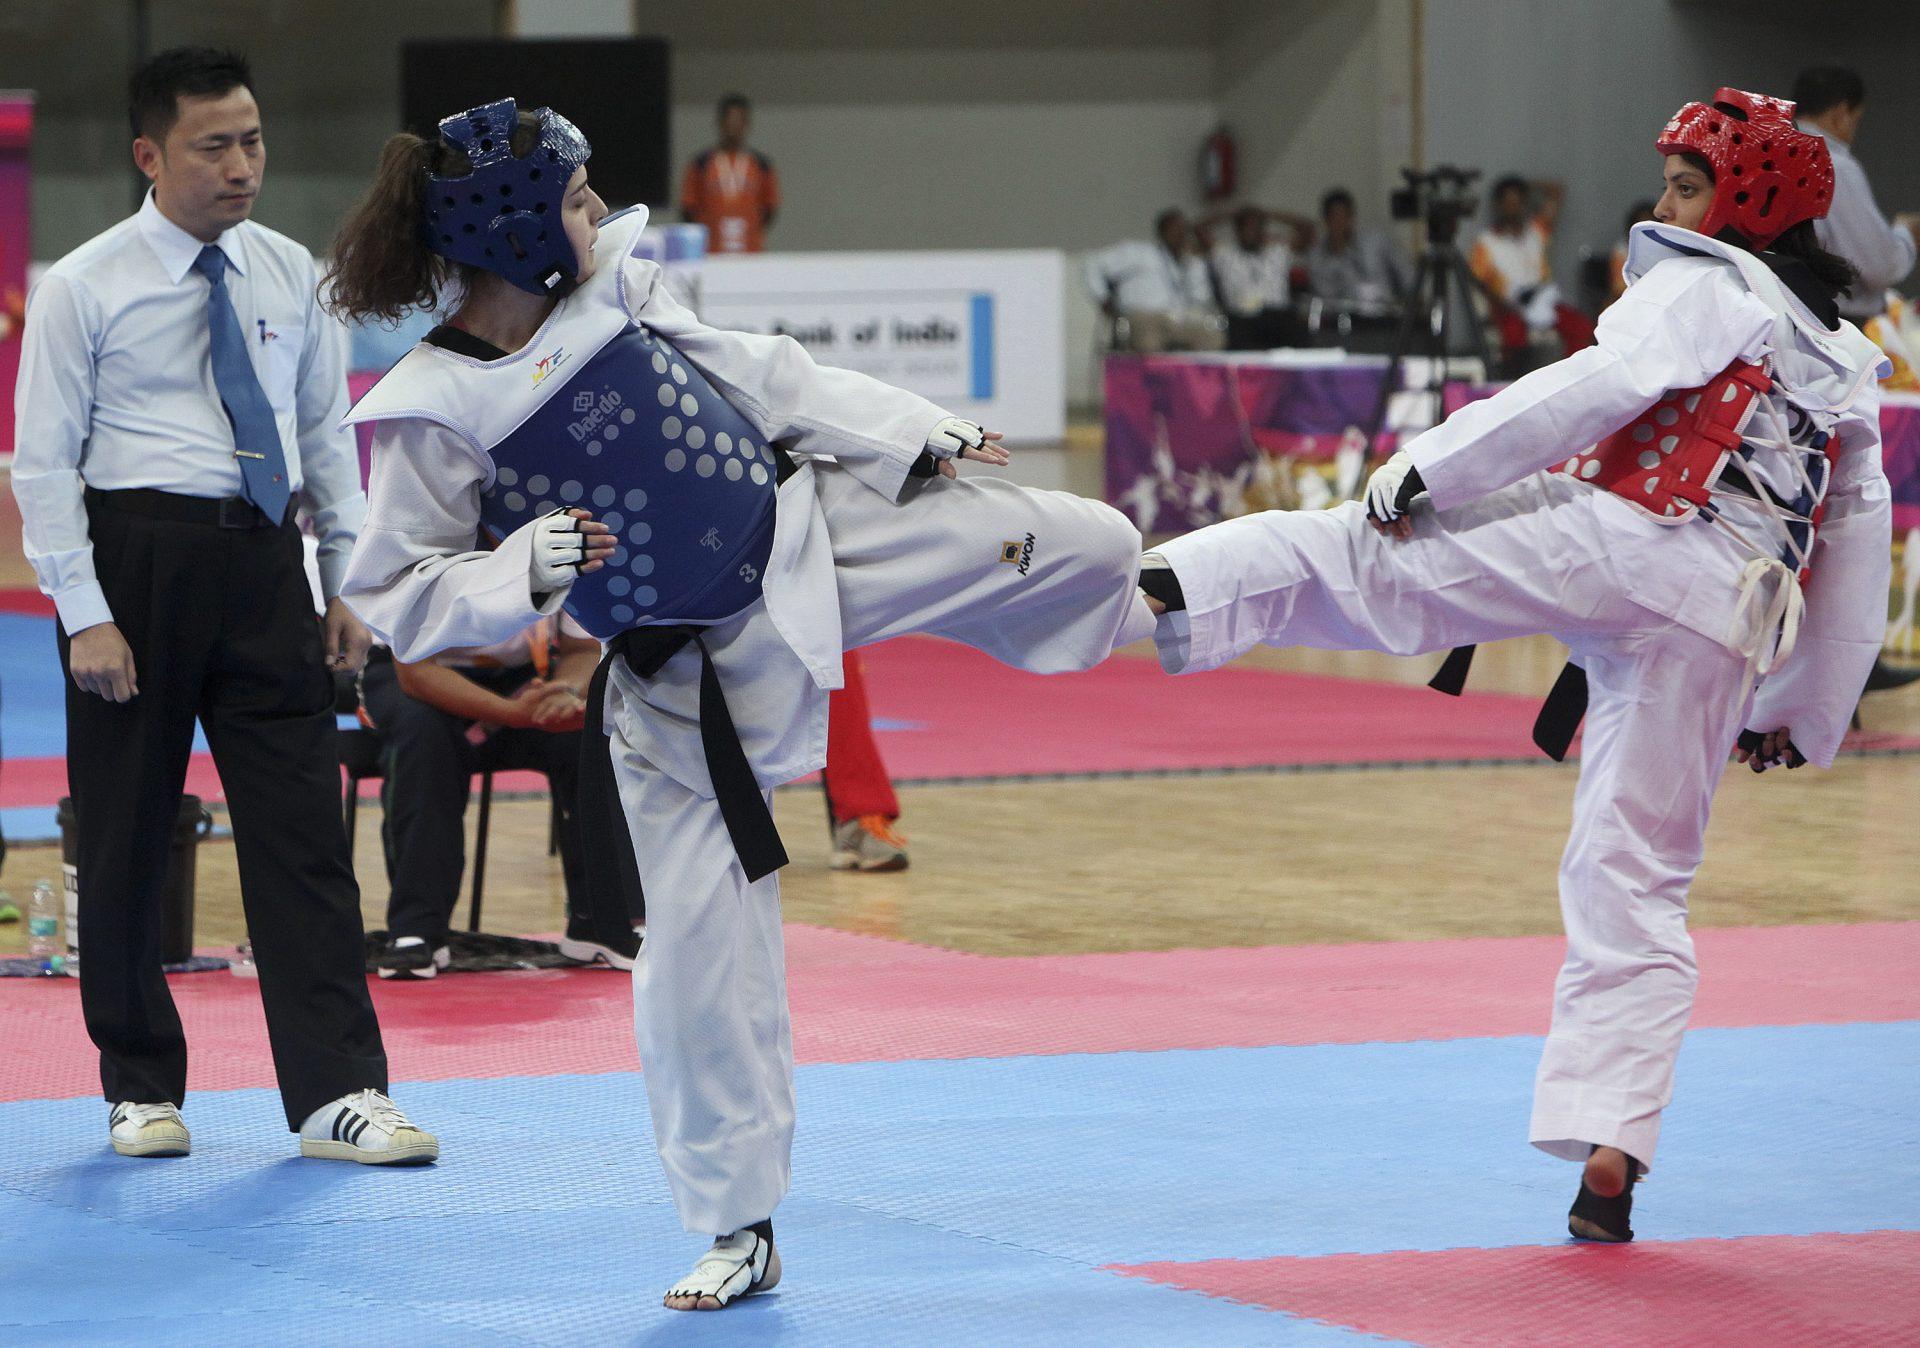 Competição feminina de taekwondo -57 kg na III Edição dos Jogos da Lusofonia. Pavilhão Multiusos de Peddem, em Mapusa, em Goa, Índia, 26 de Janeiro de 2014. GONÇALO LOBO PINHEIRO/LUSA